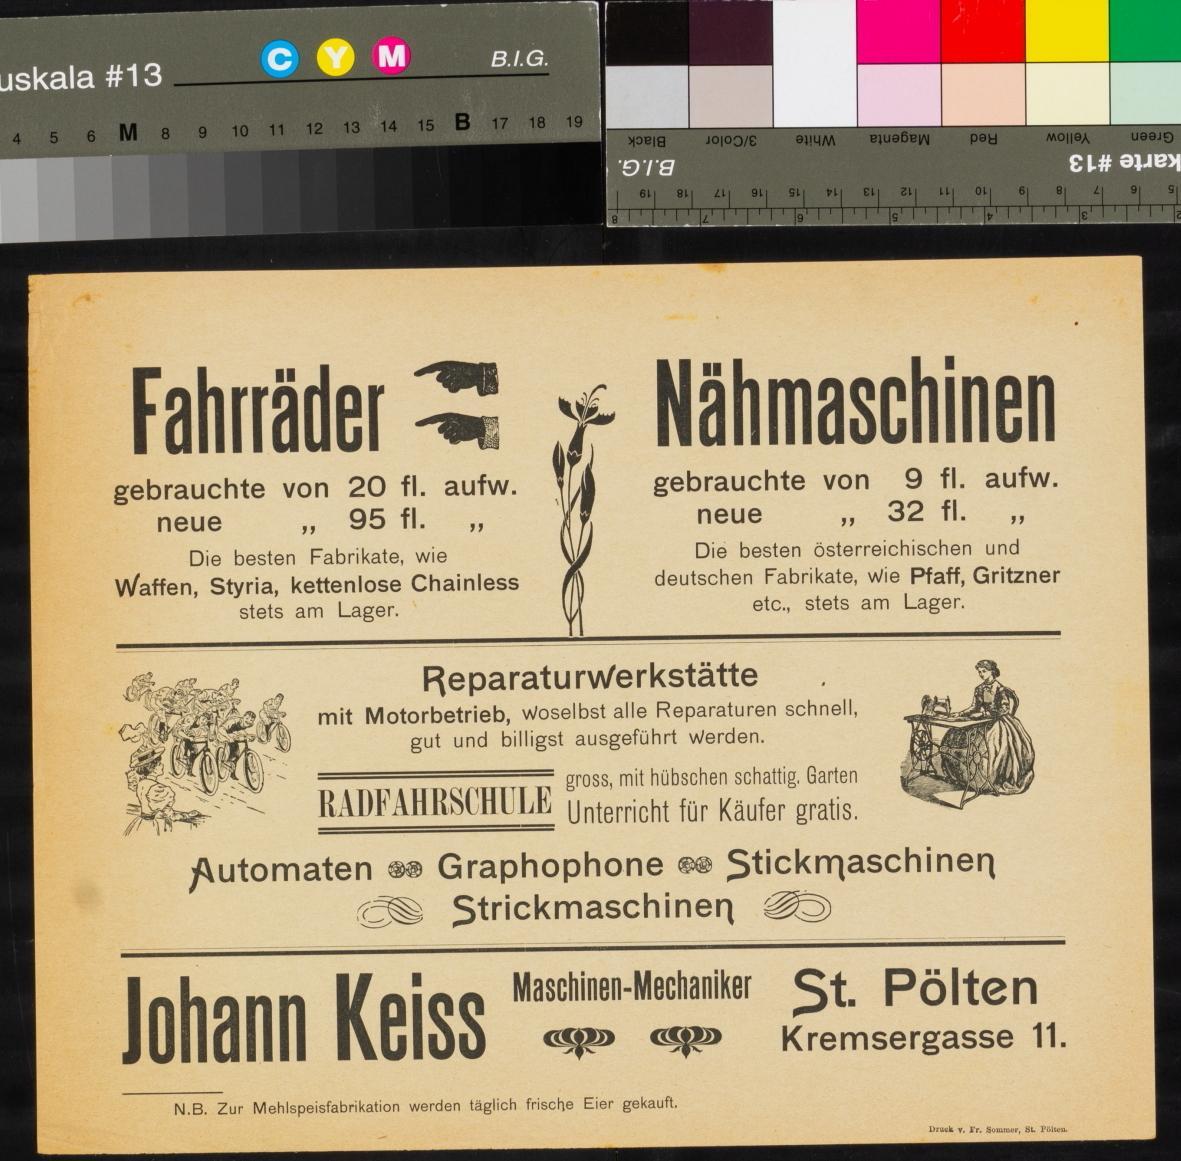 Werbung, Fahrräder und Nähmaschinen, Verkauf, Reparaturwerkstätte, Radfahrschule, Johann Keiss, St. Pölten, Kremsergasse 11